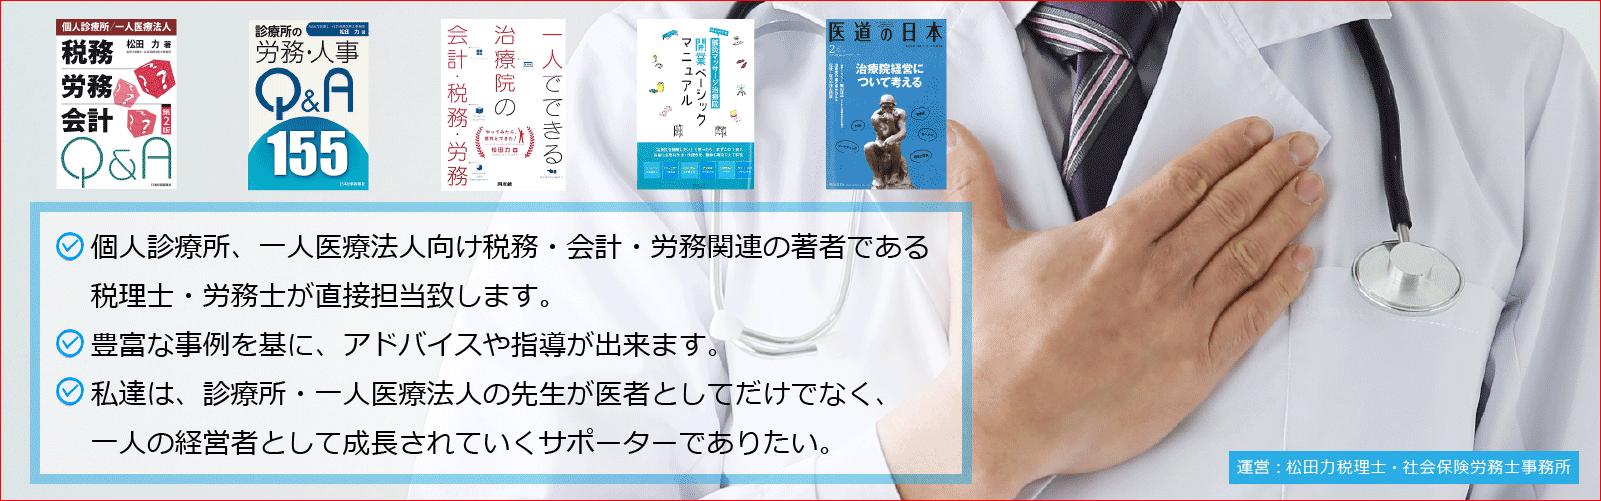 開業医専門・経営労務サポートセンター(兵庫県西宮市)